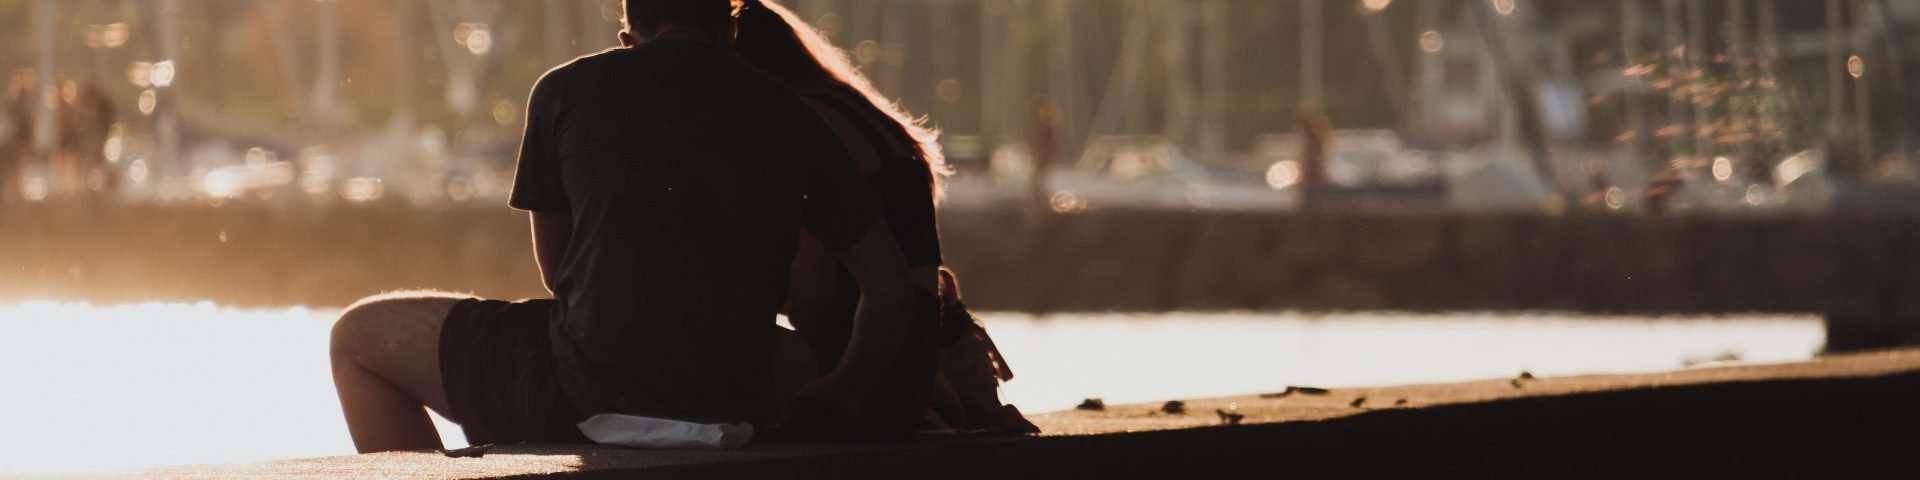 So ist es, wenn du versuchst wieder zu lieben, wenn dein Herz gebrochen ist